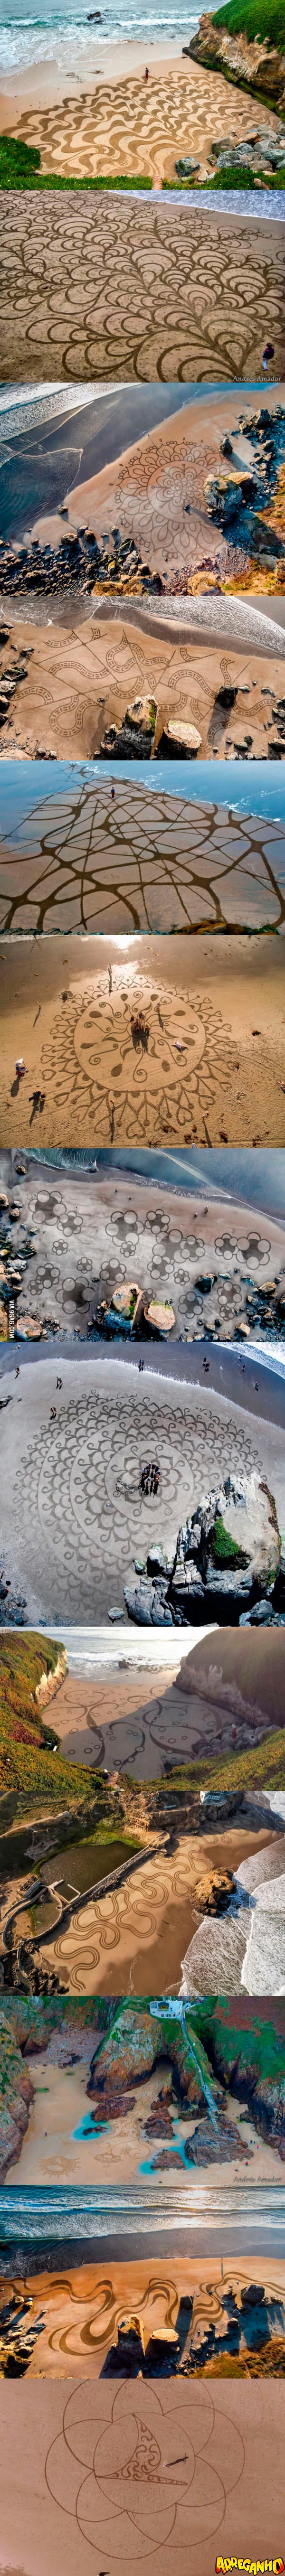 arte-na-areia andres amador